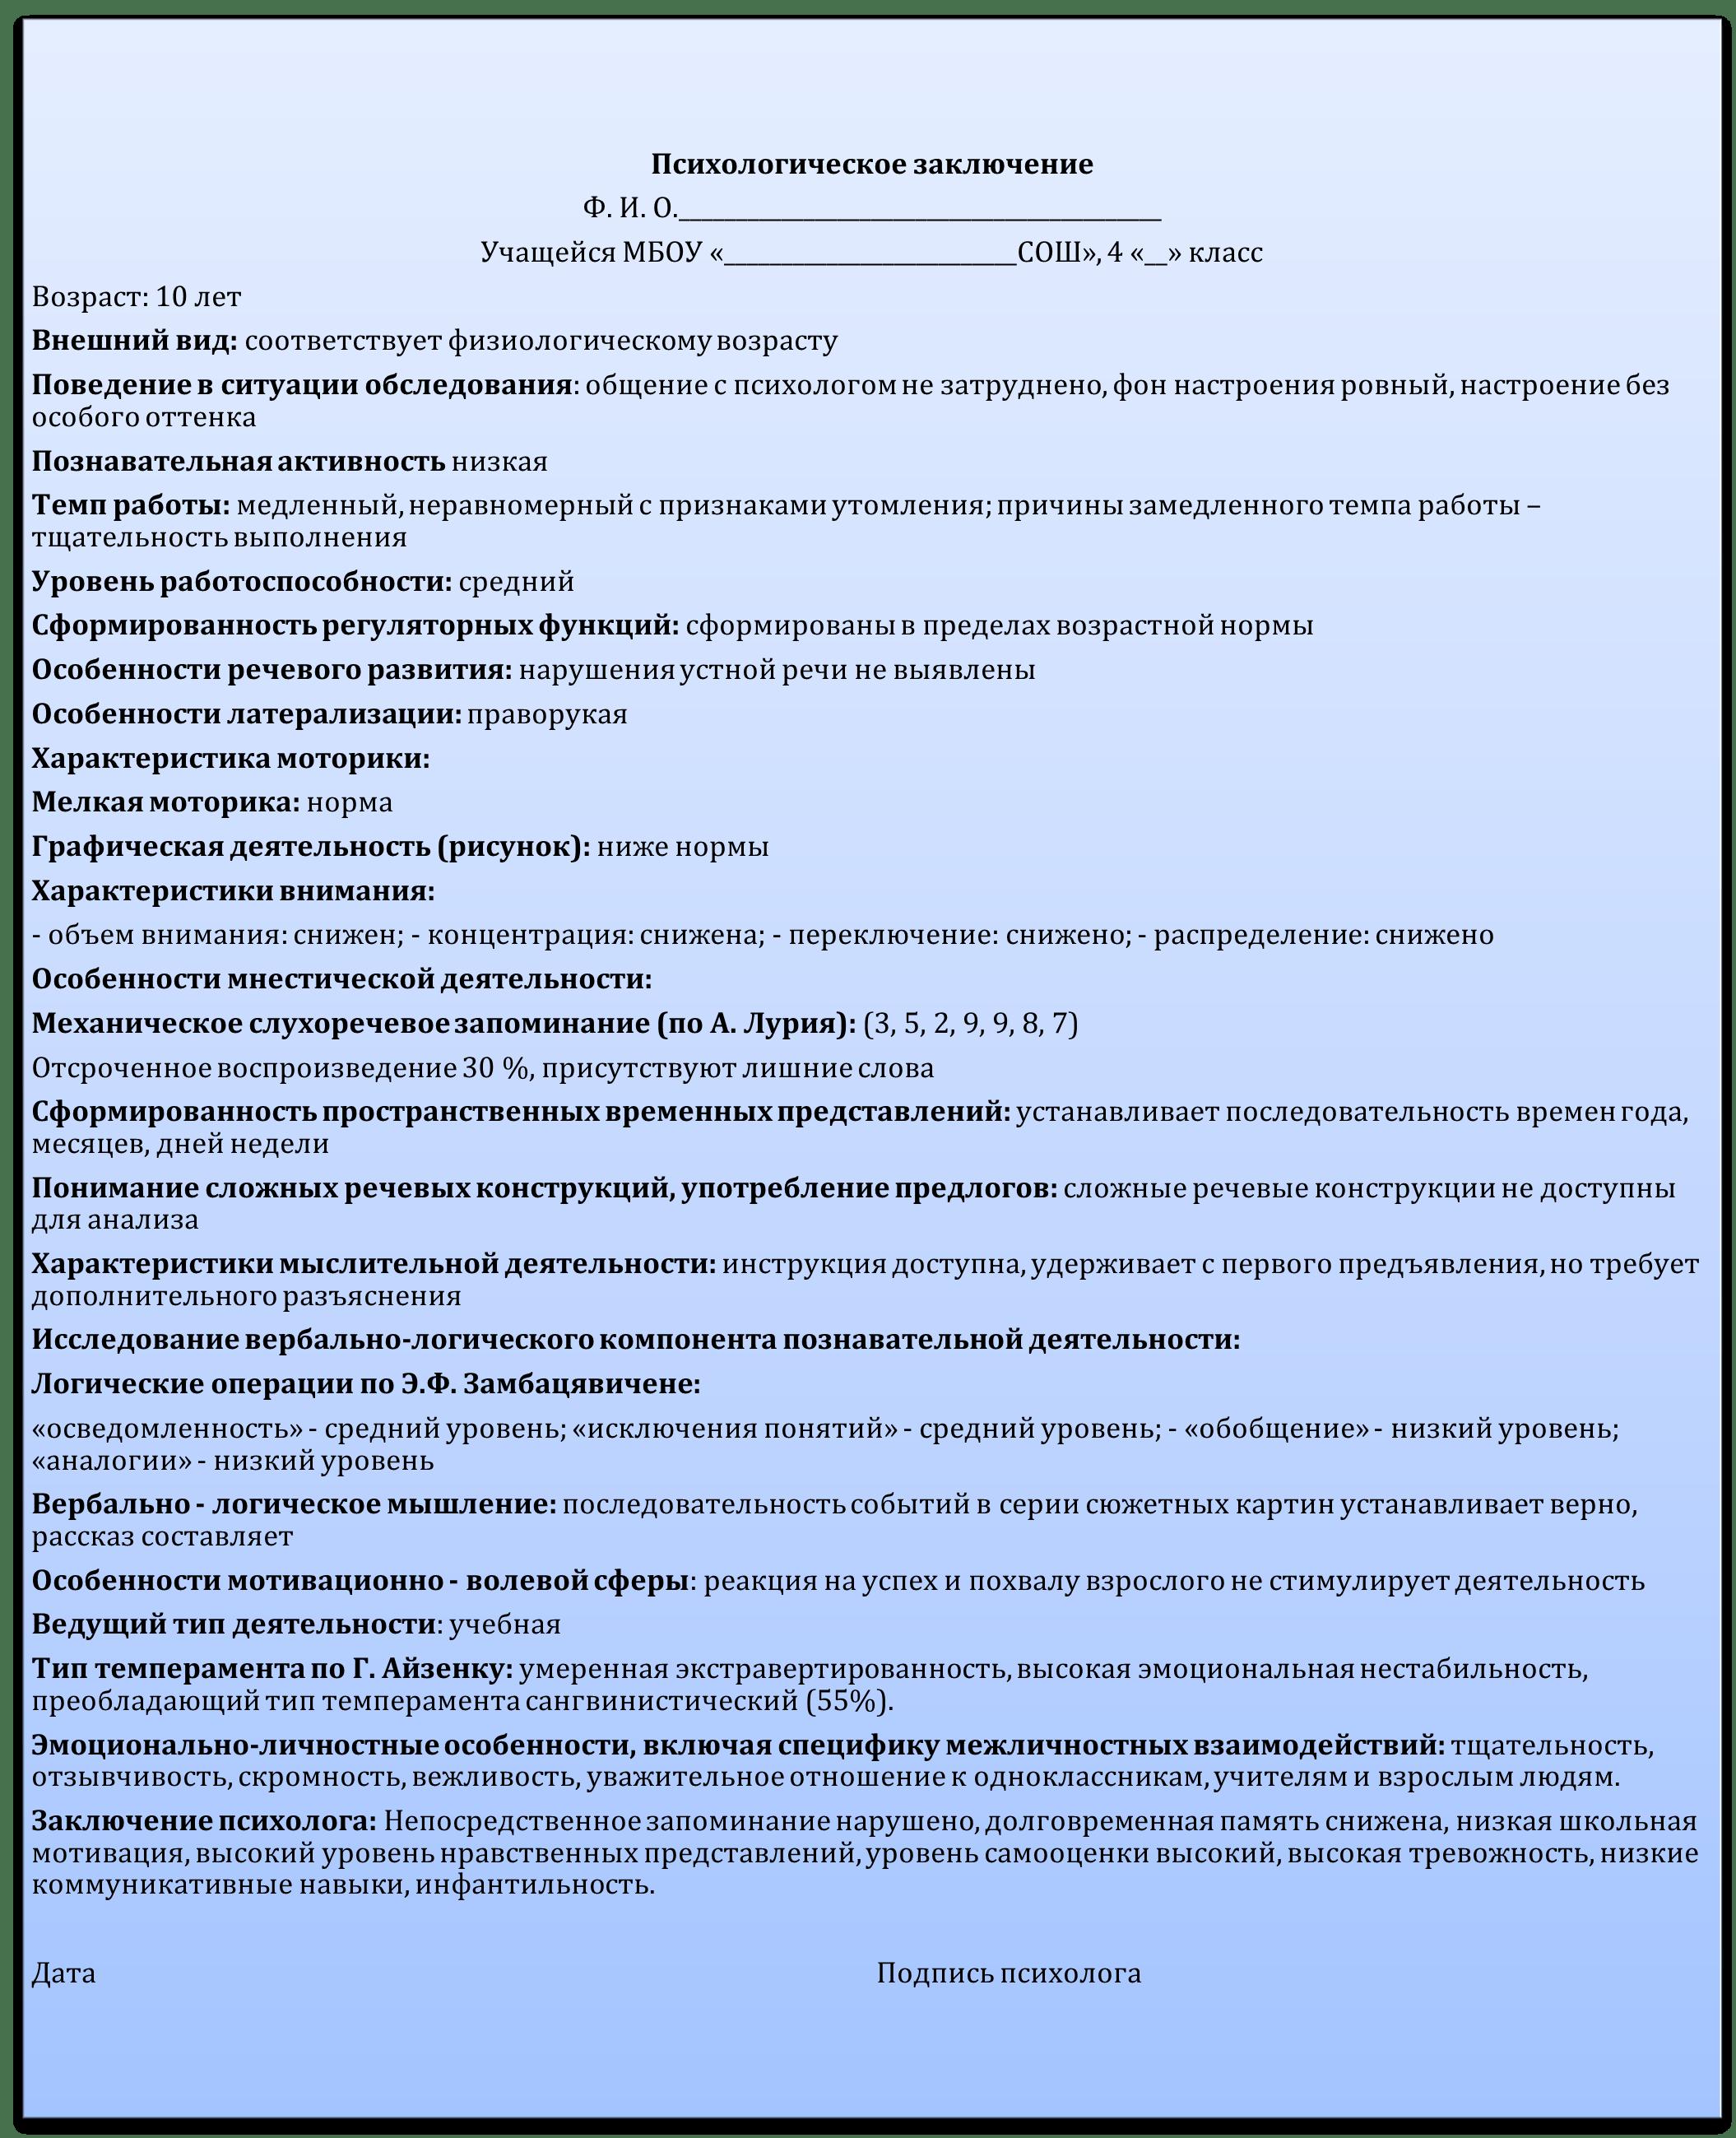 Заключение психолога по результатам психологического обследования